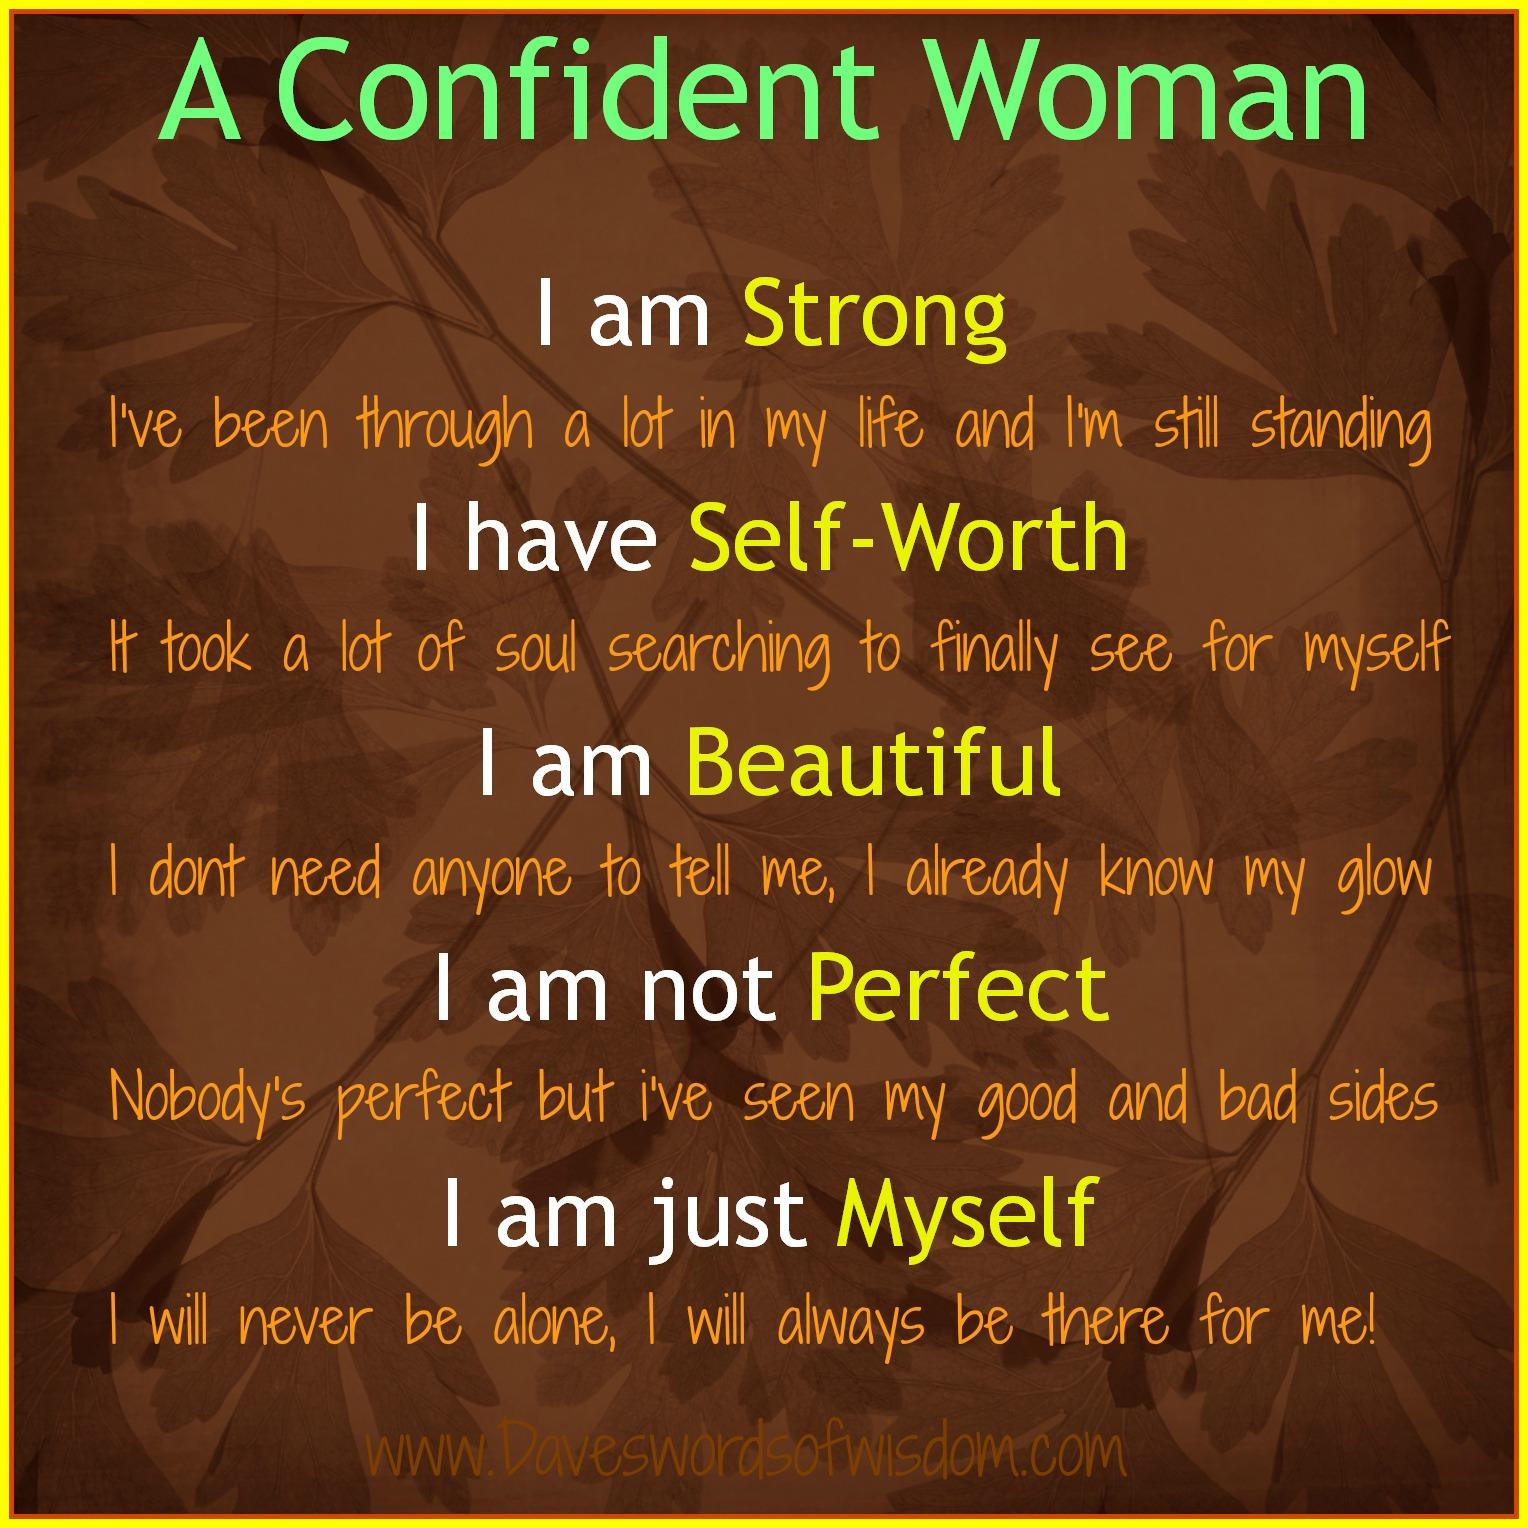 Daveswordsofwisdom.com: A Confident Woman